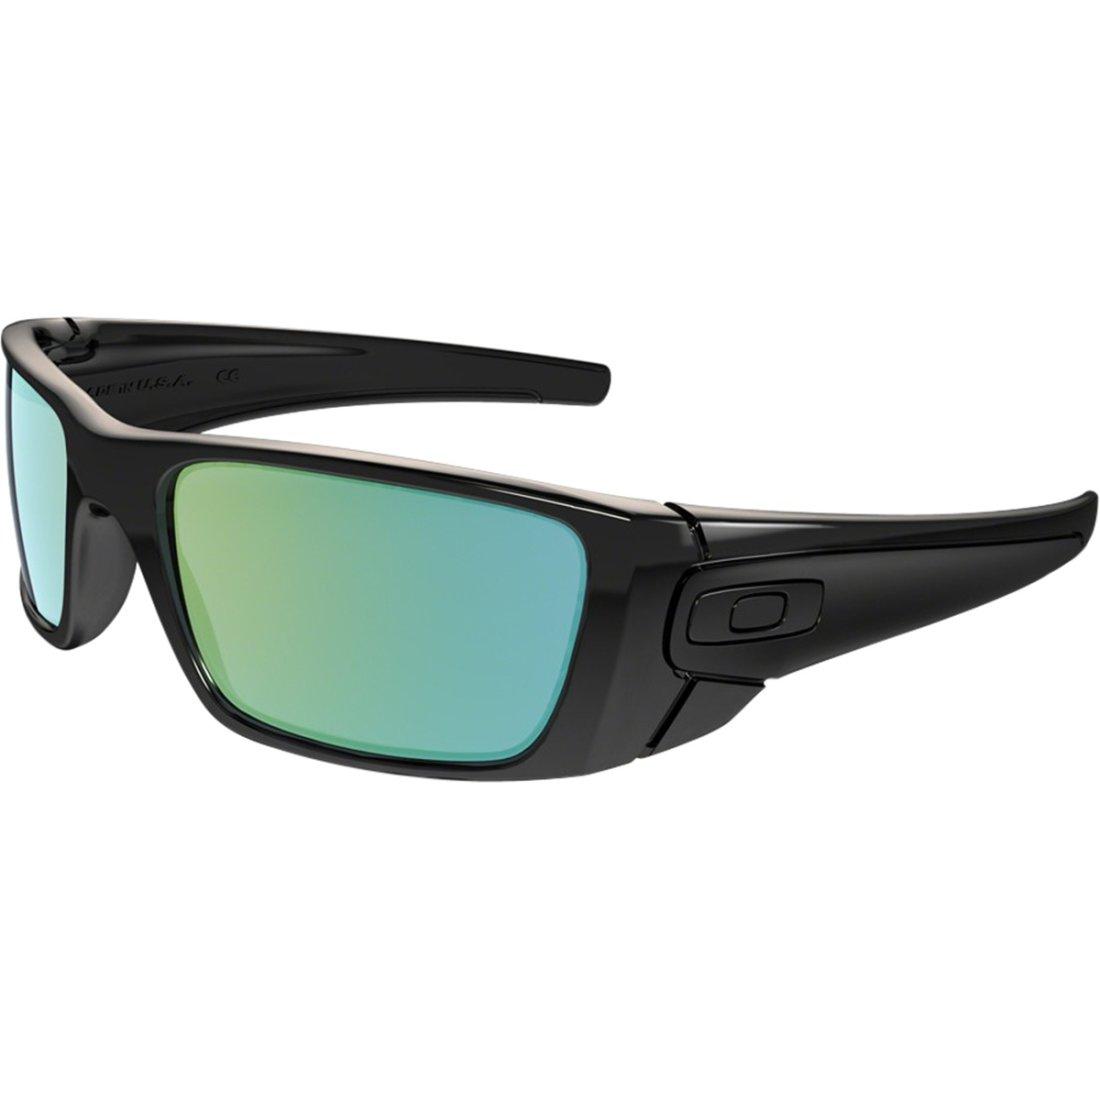 e438d8a67653f Gafas de sol OAKLEY Fuel Cell Polished Black Ink   Emerald Iridium ·  Motocard